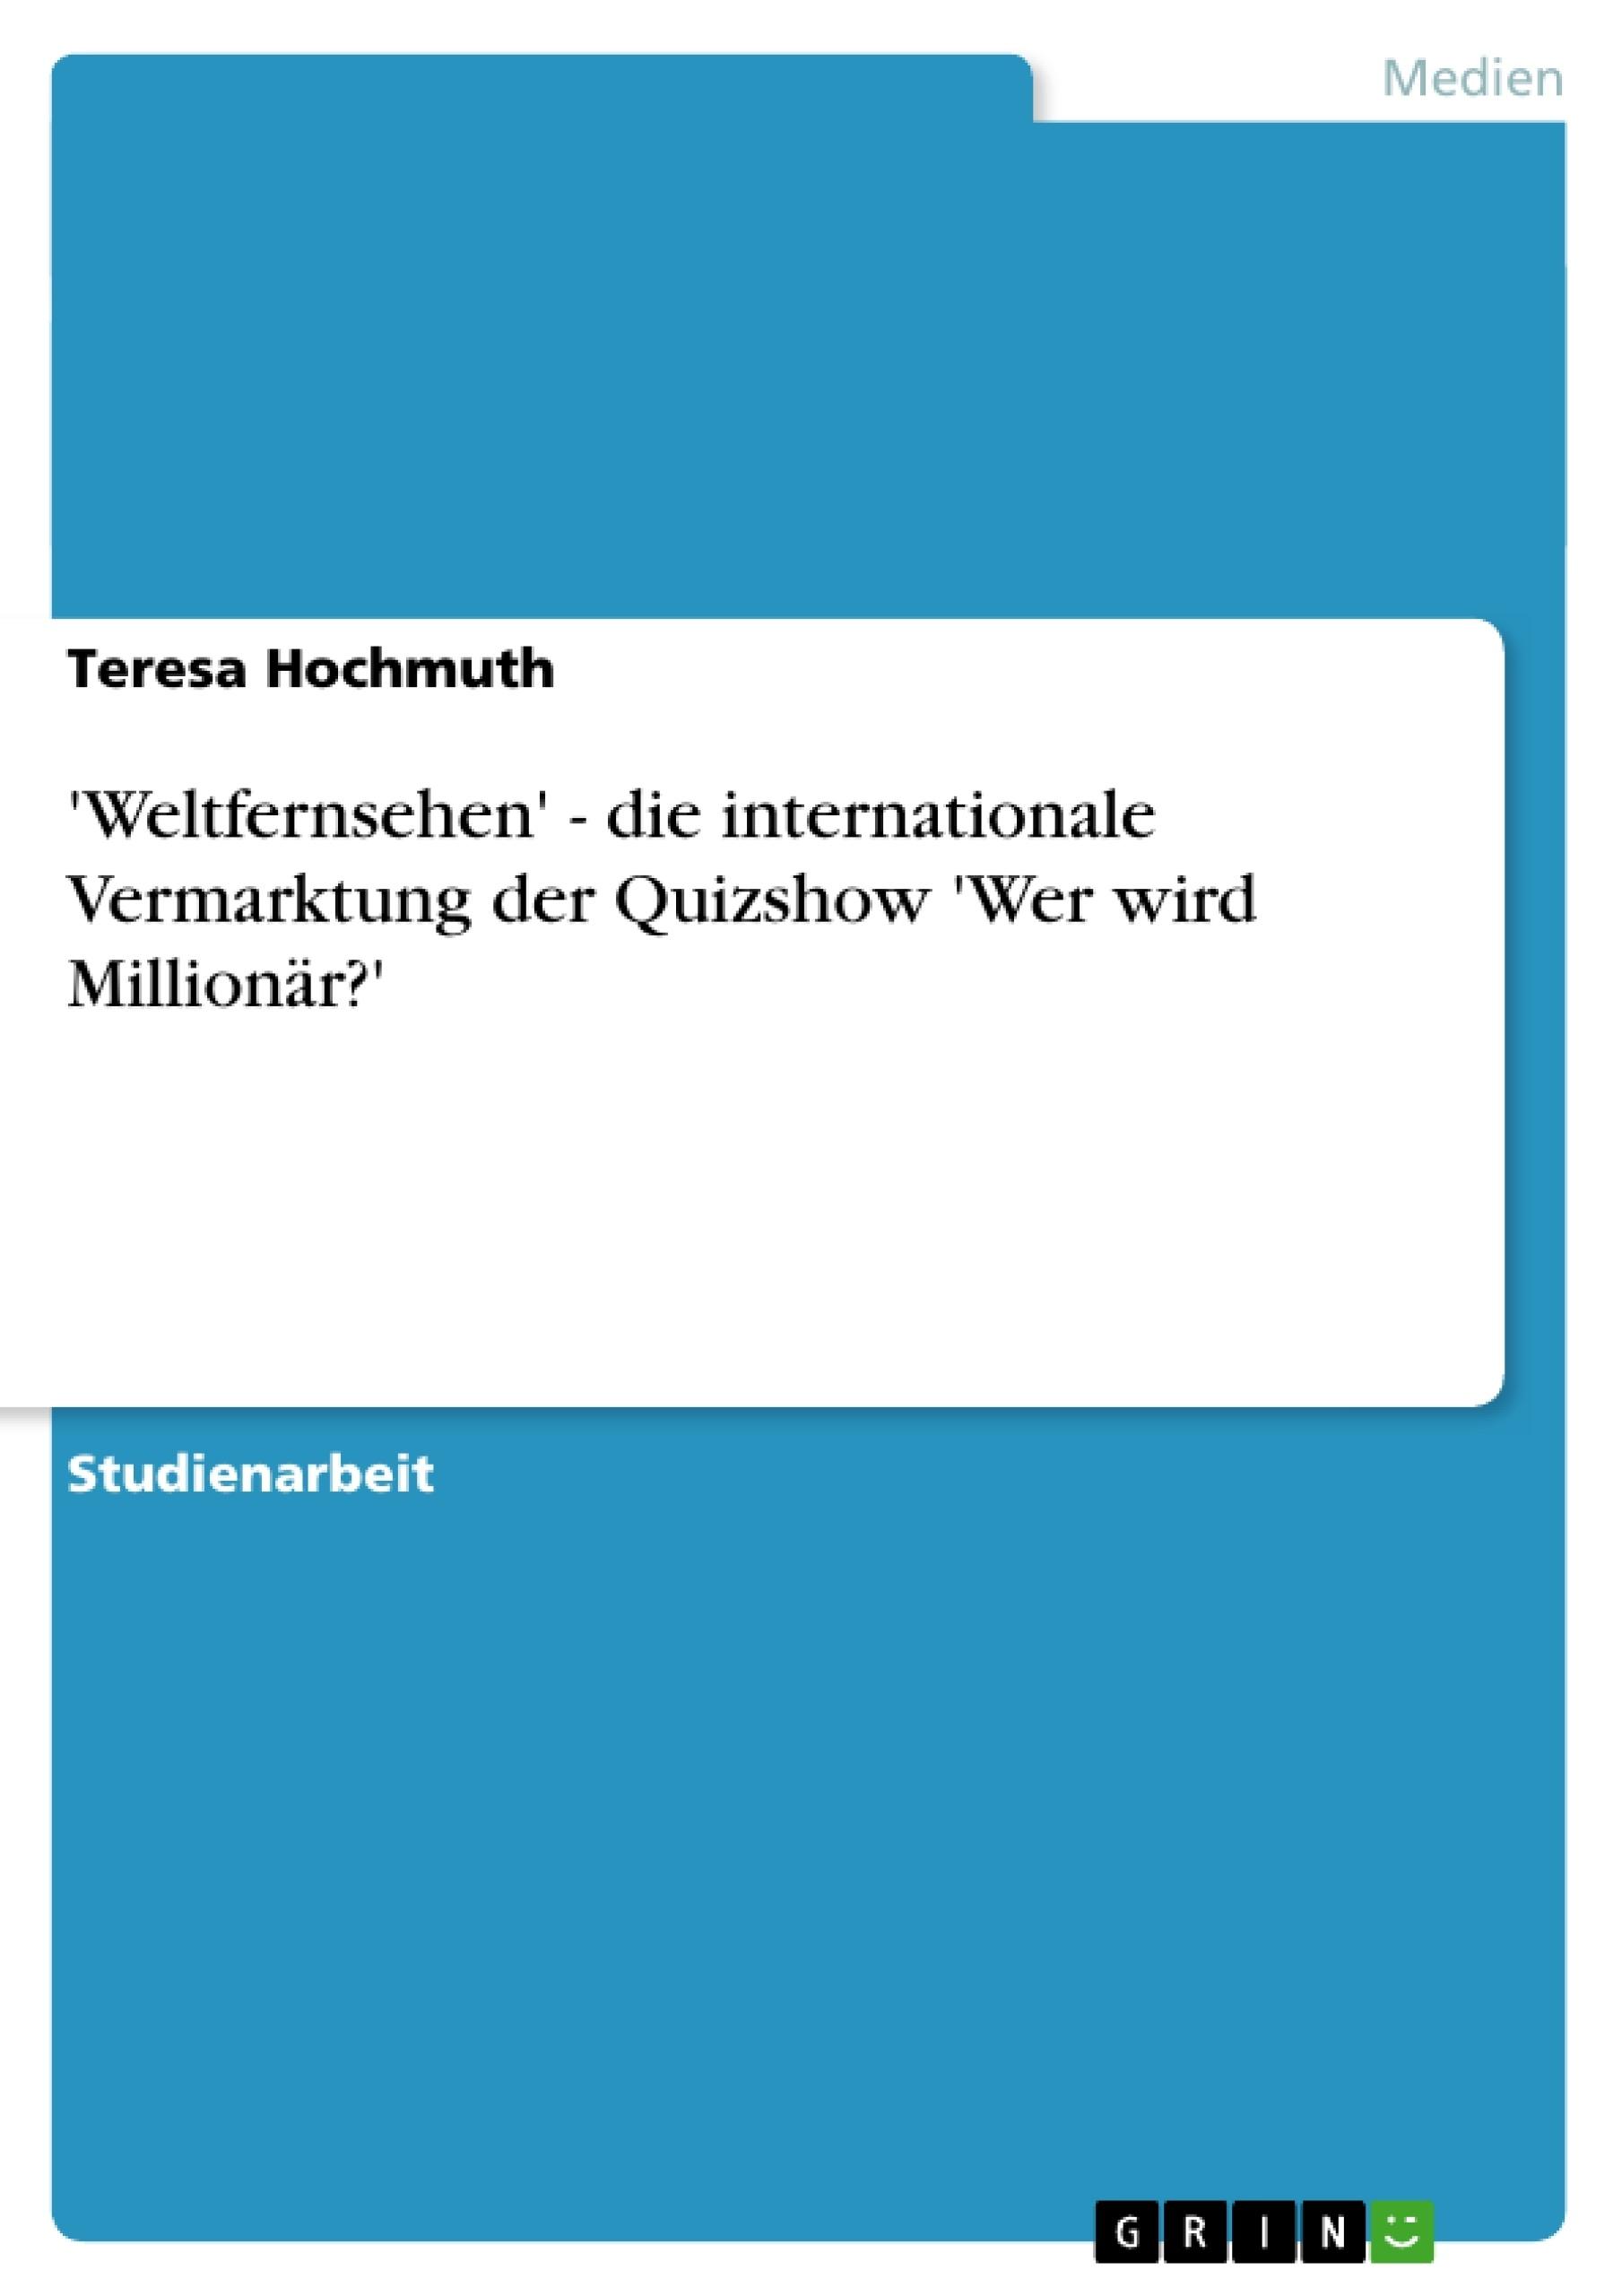 Titel: 'Weltfernsehen' - die internationale Vermarktung der Quizshow 'Wer wird Millionär?'